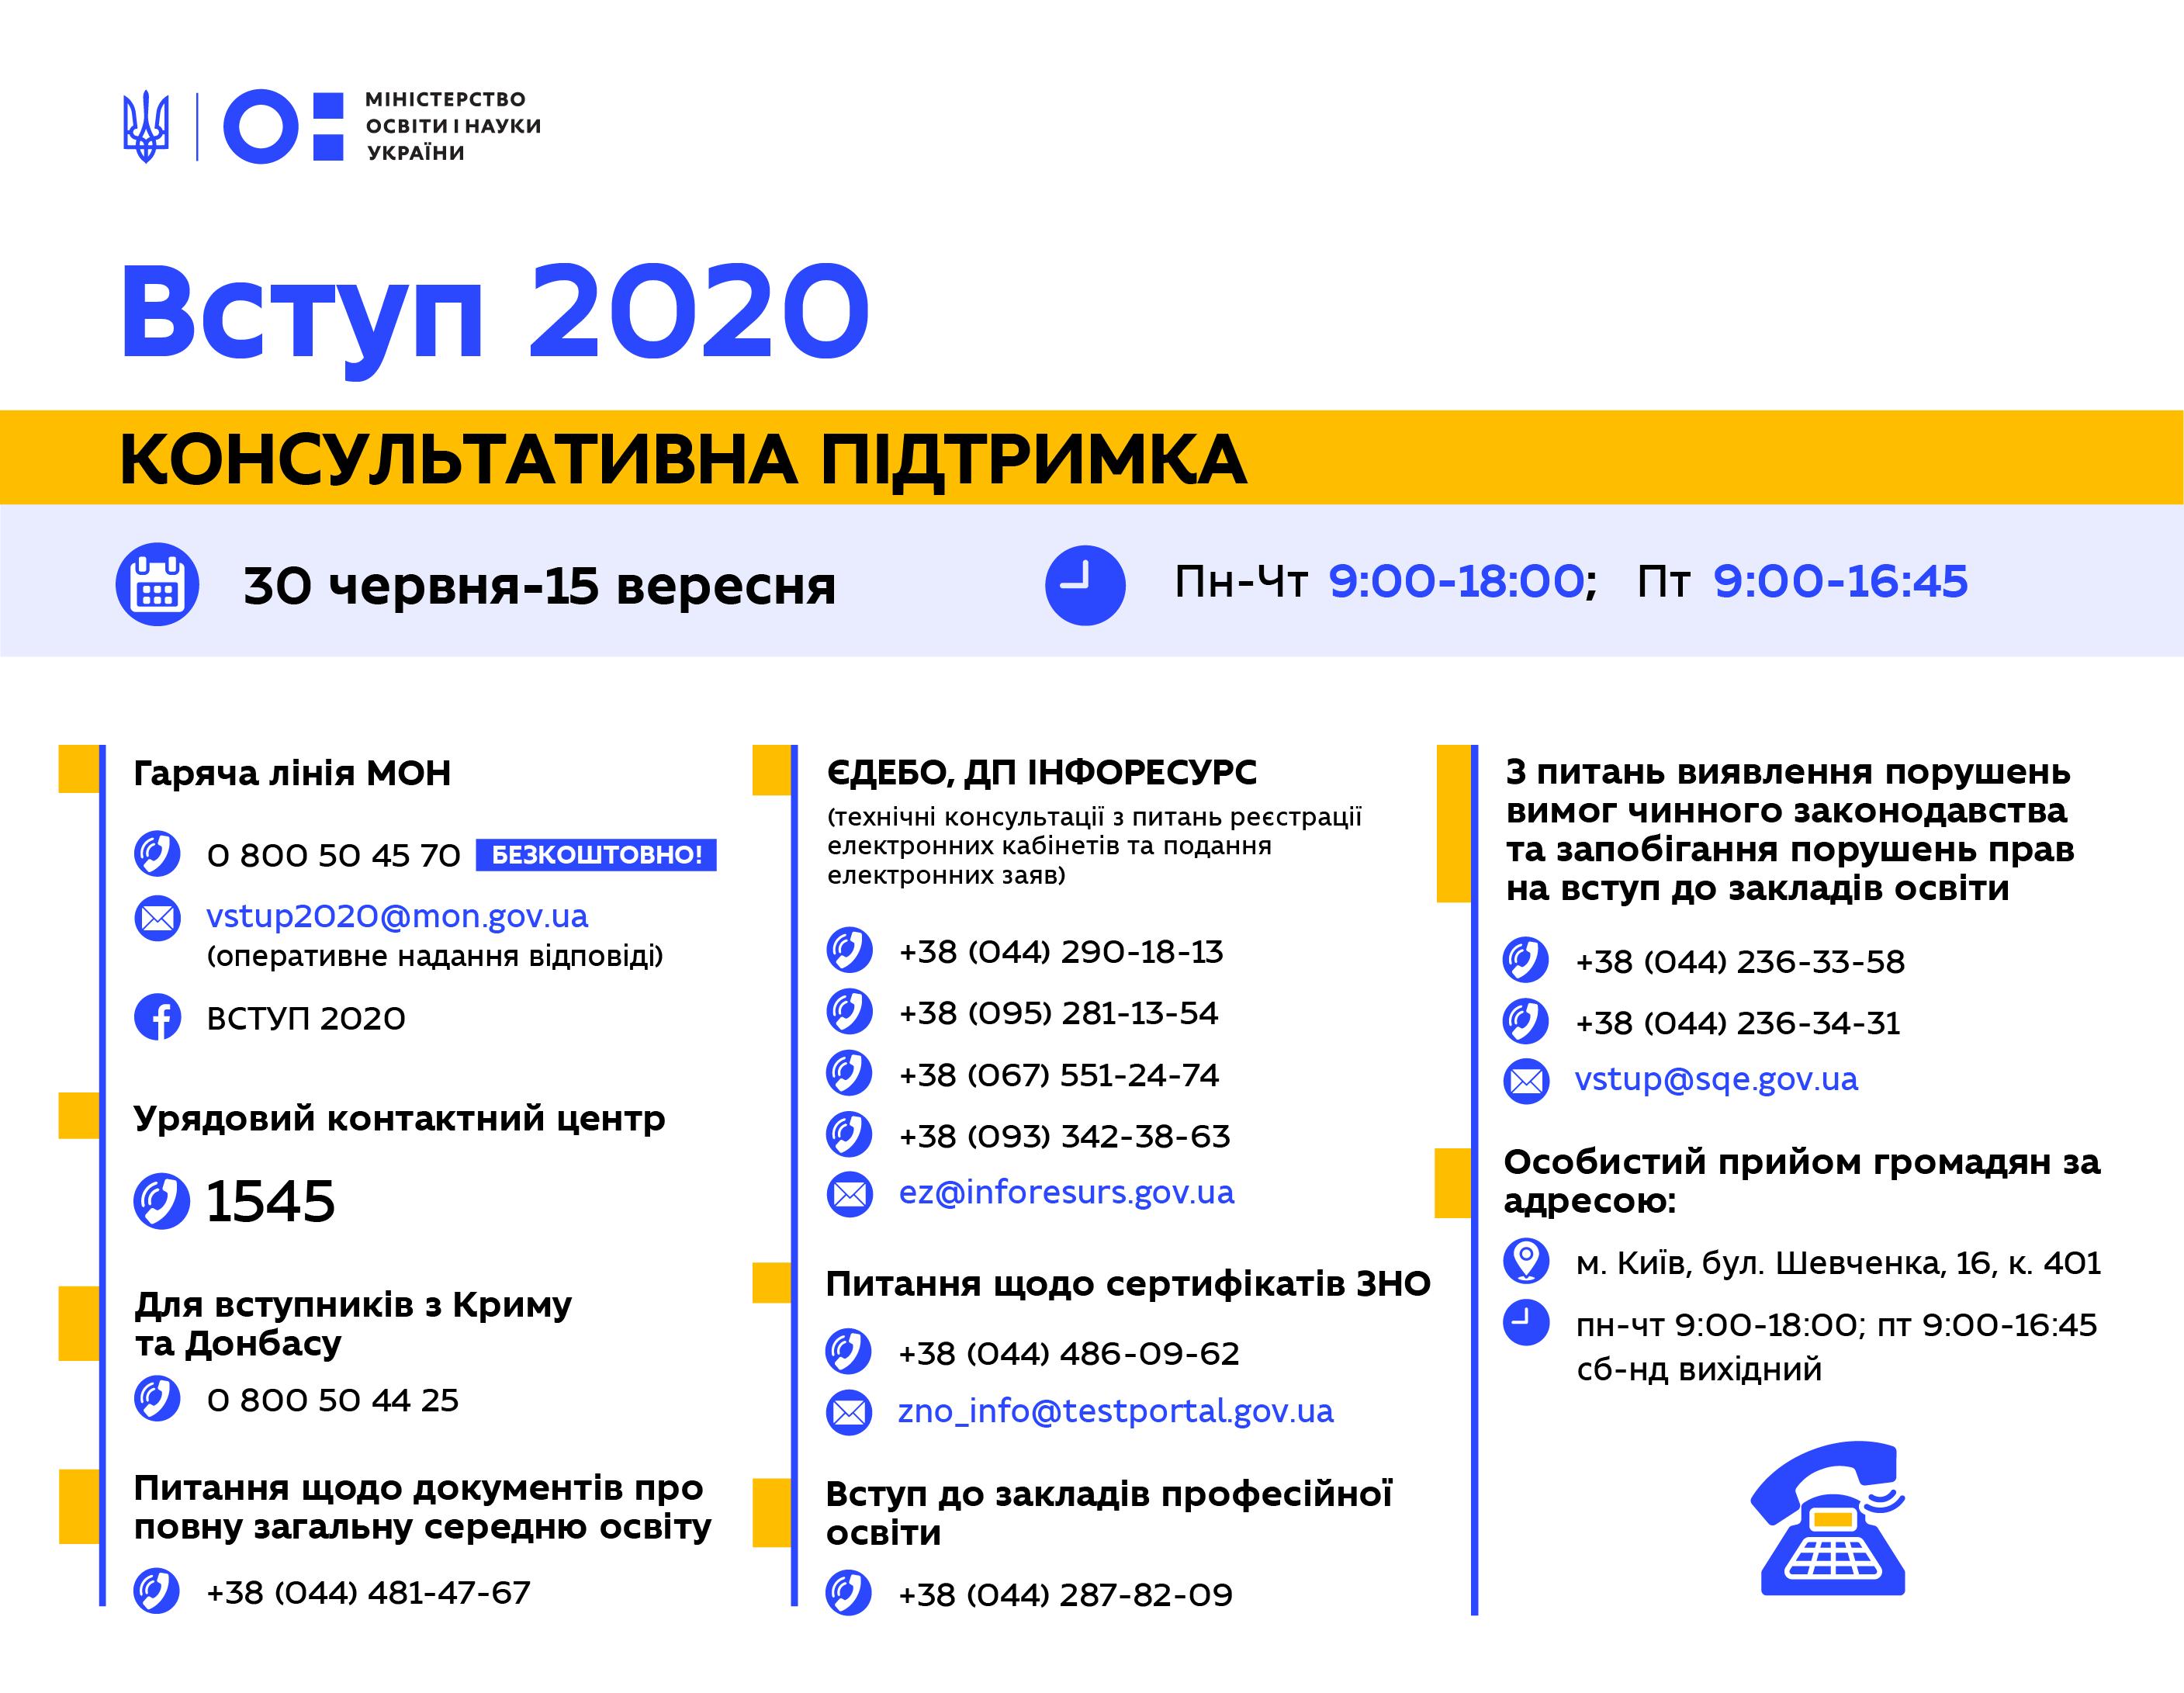 """ПОЧАЛИ РОБОТУ """"ГАРЯЧІ ЛІНІЇ"""" ТА ПРИЙМАЛЬНЯ ГРОМАДЯН ЩОДО ВСТУПУ 2020"""